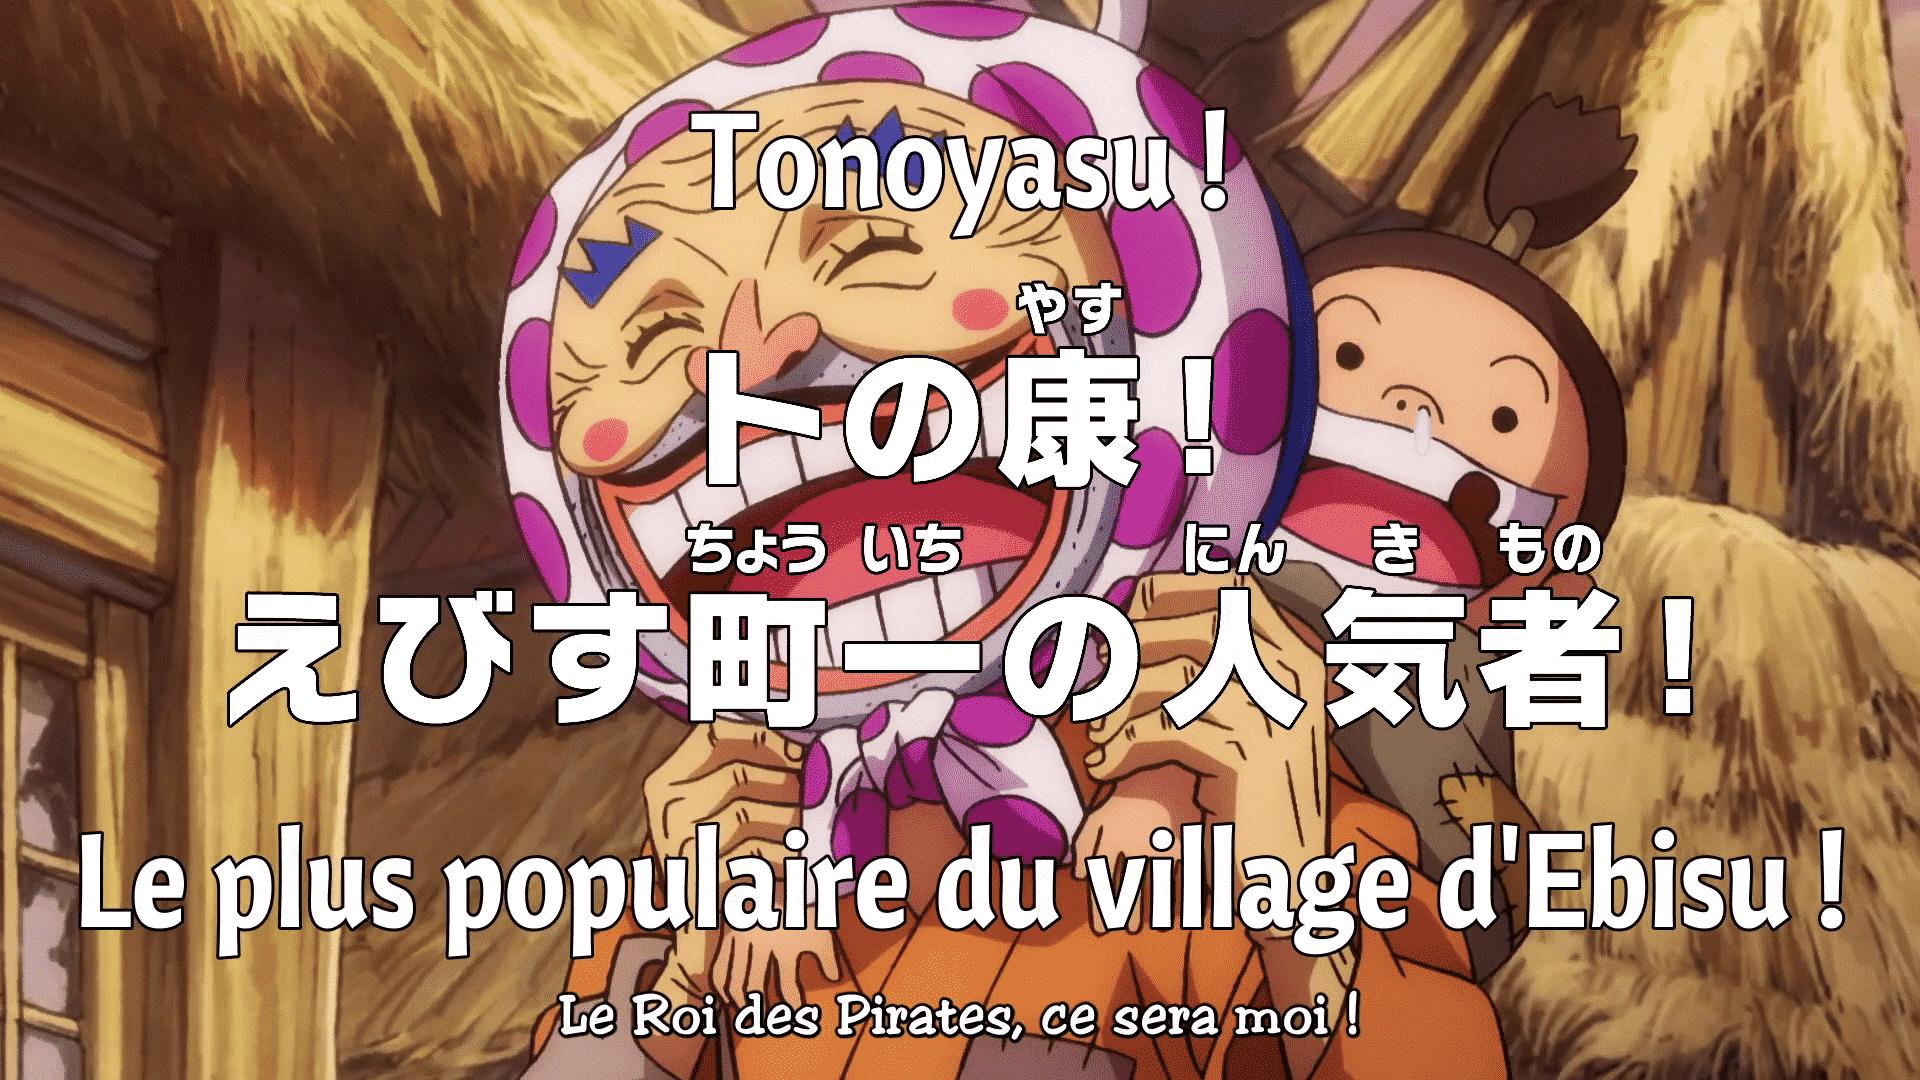 One piece 937 Vostfr Tonoyasu ! - Le plus populaire du village d'Ebisu ! 16